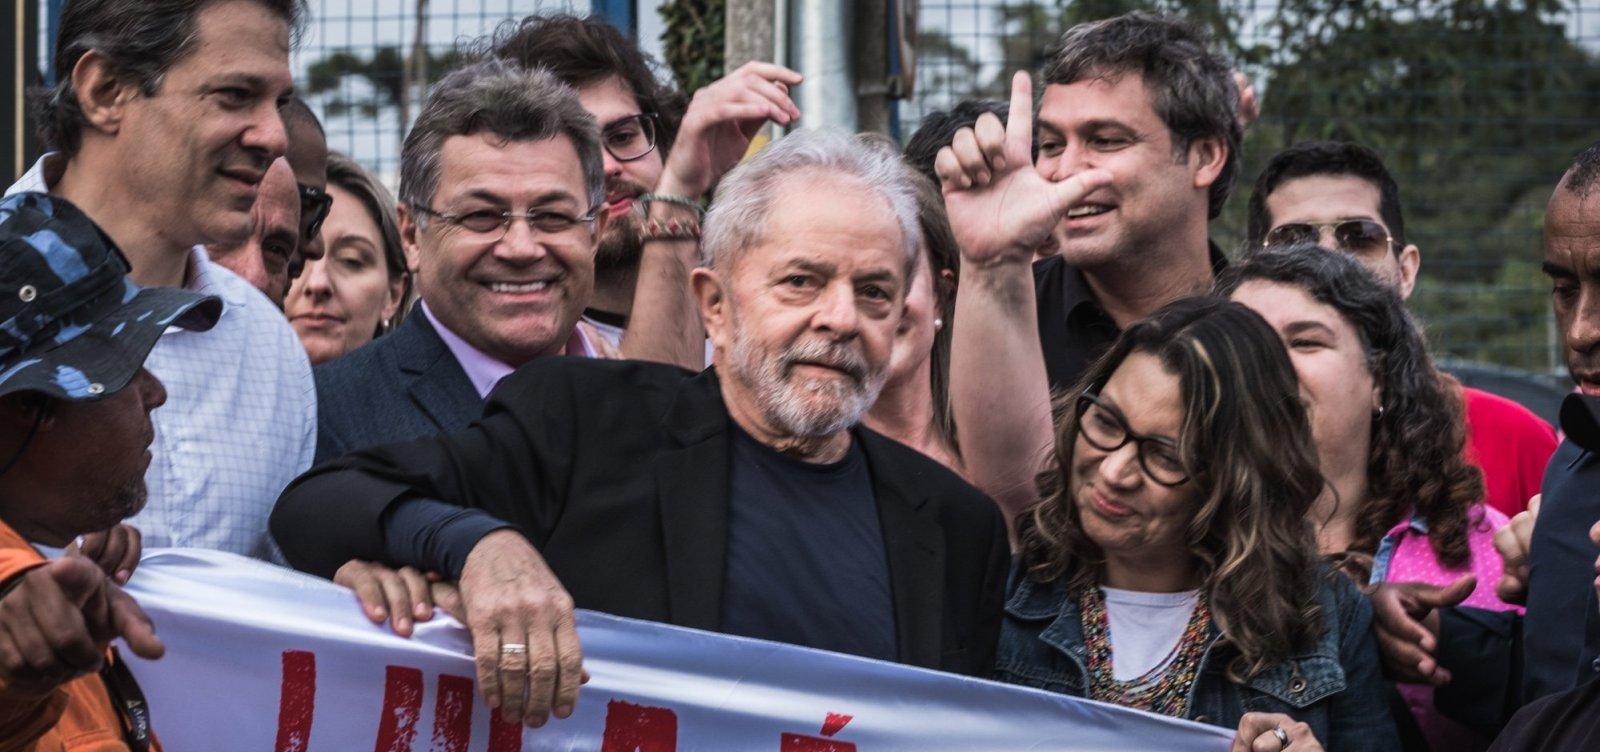 Resultado de imagem para Lula condenaDO VIAJANDO